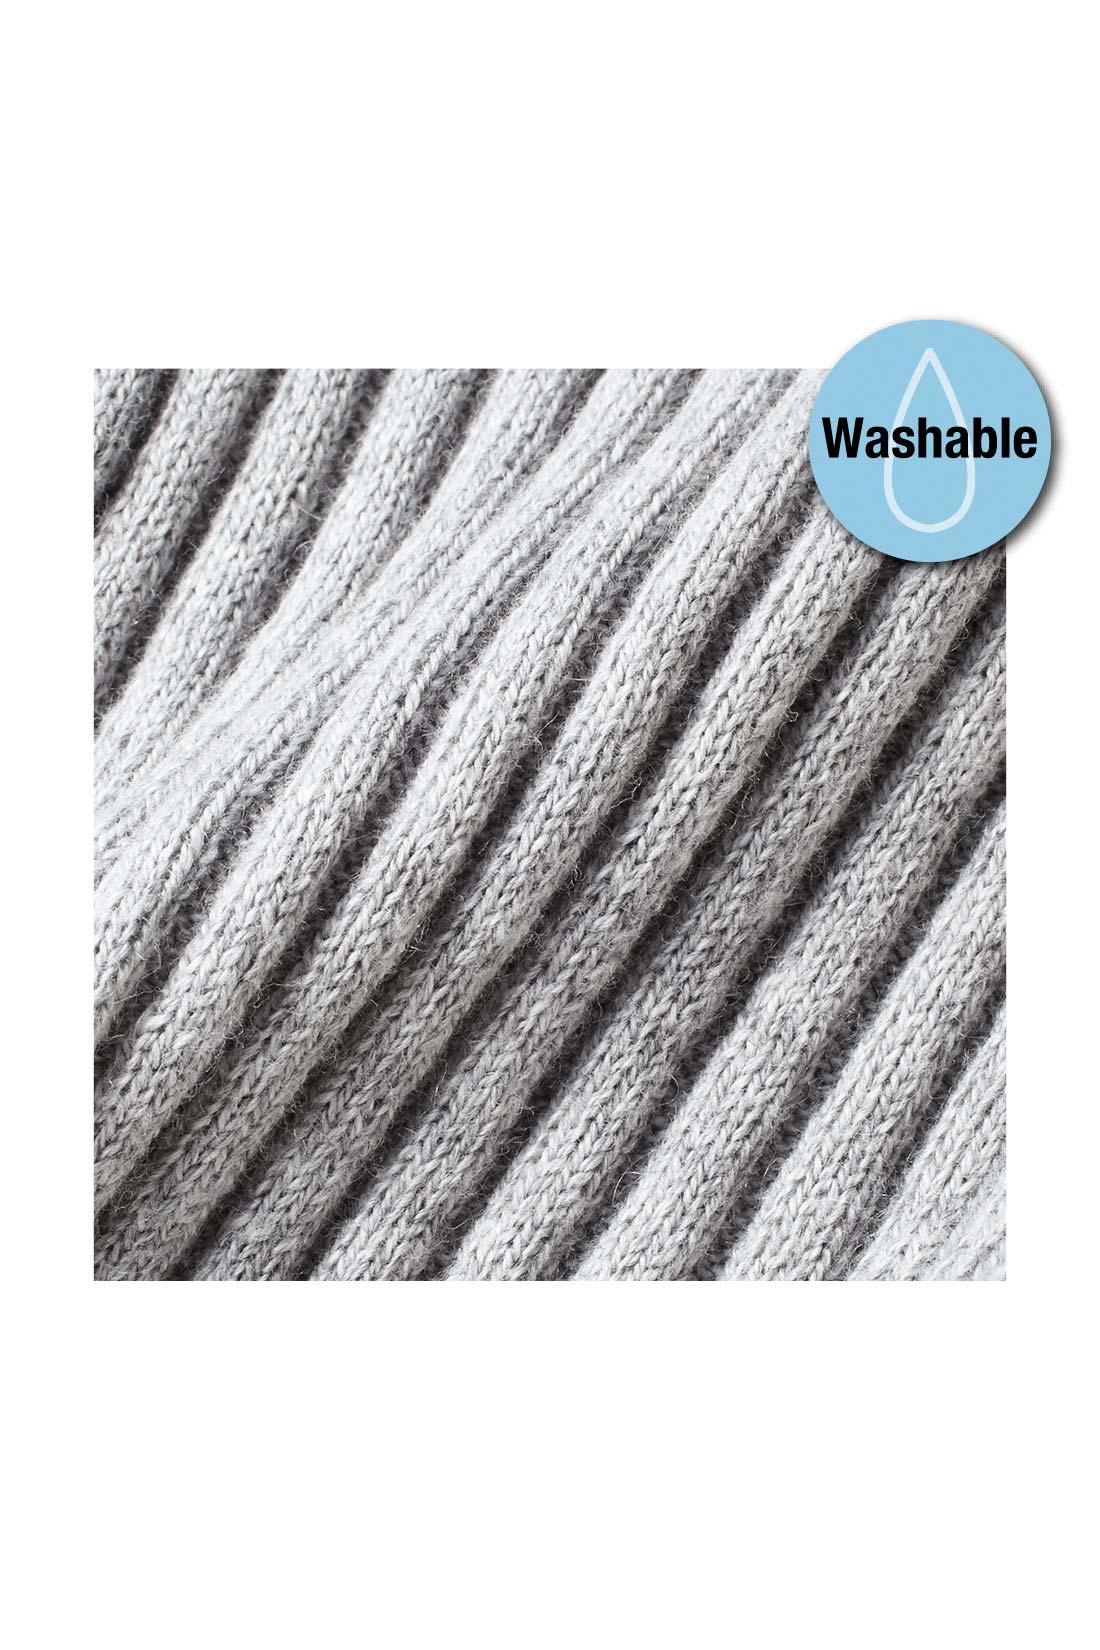 天然素材のコットンに贅沢にもカシミアを10%混紡した、ふっくらとやわらかな素材。この薄さで暖かなのが、上質な証。ウォッシャブルなのもうれしい。